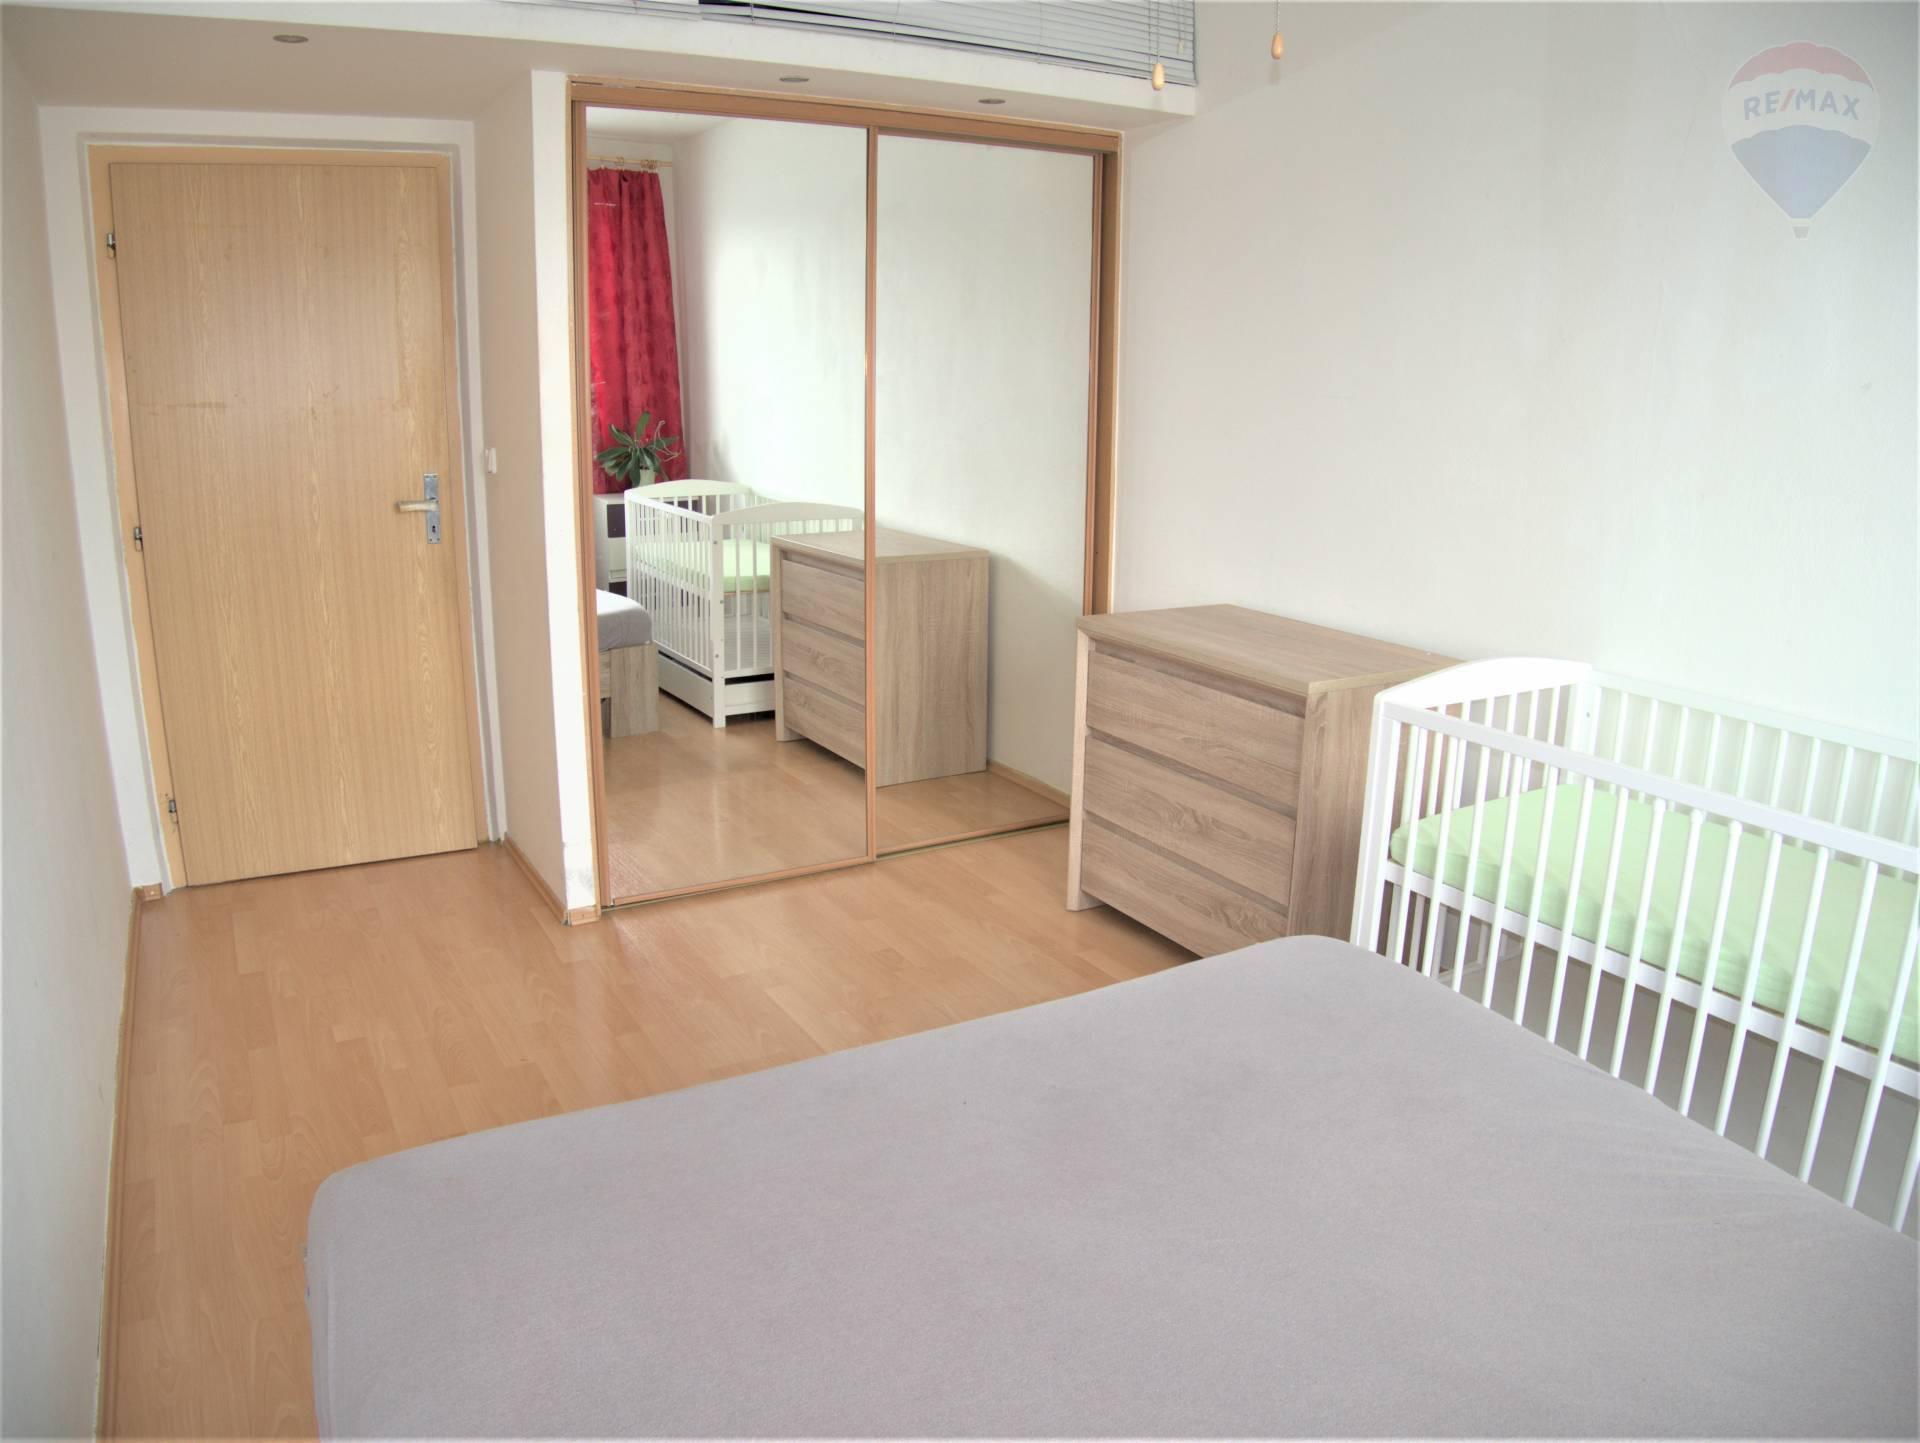 REZERVOVANÉ!!!, 2 izbový byt, 50m2, lodžia, sídlisko Necpaly, Prievidza